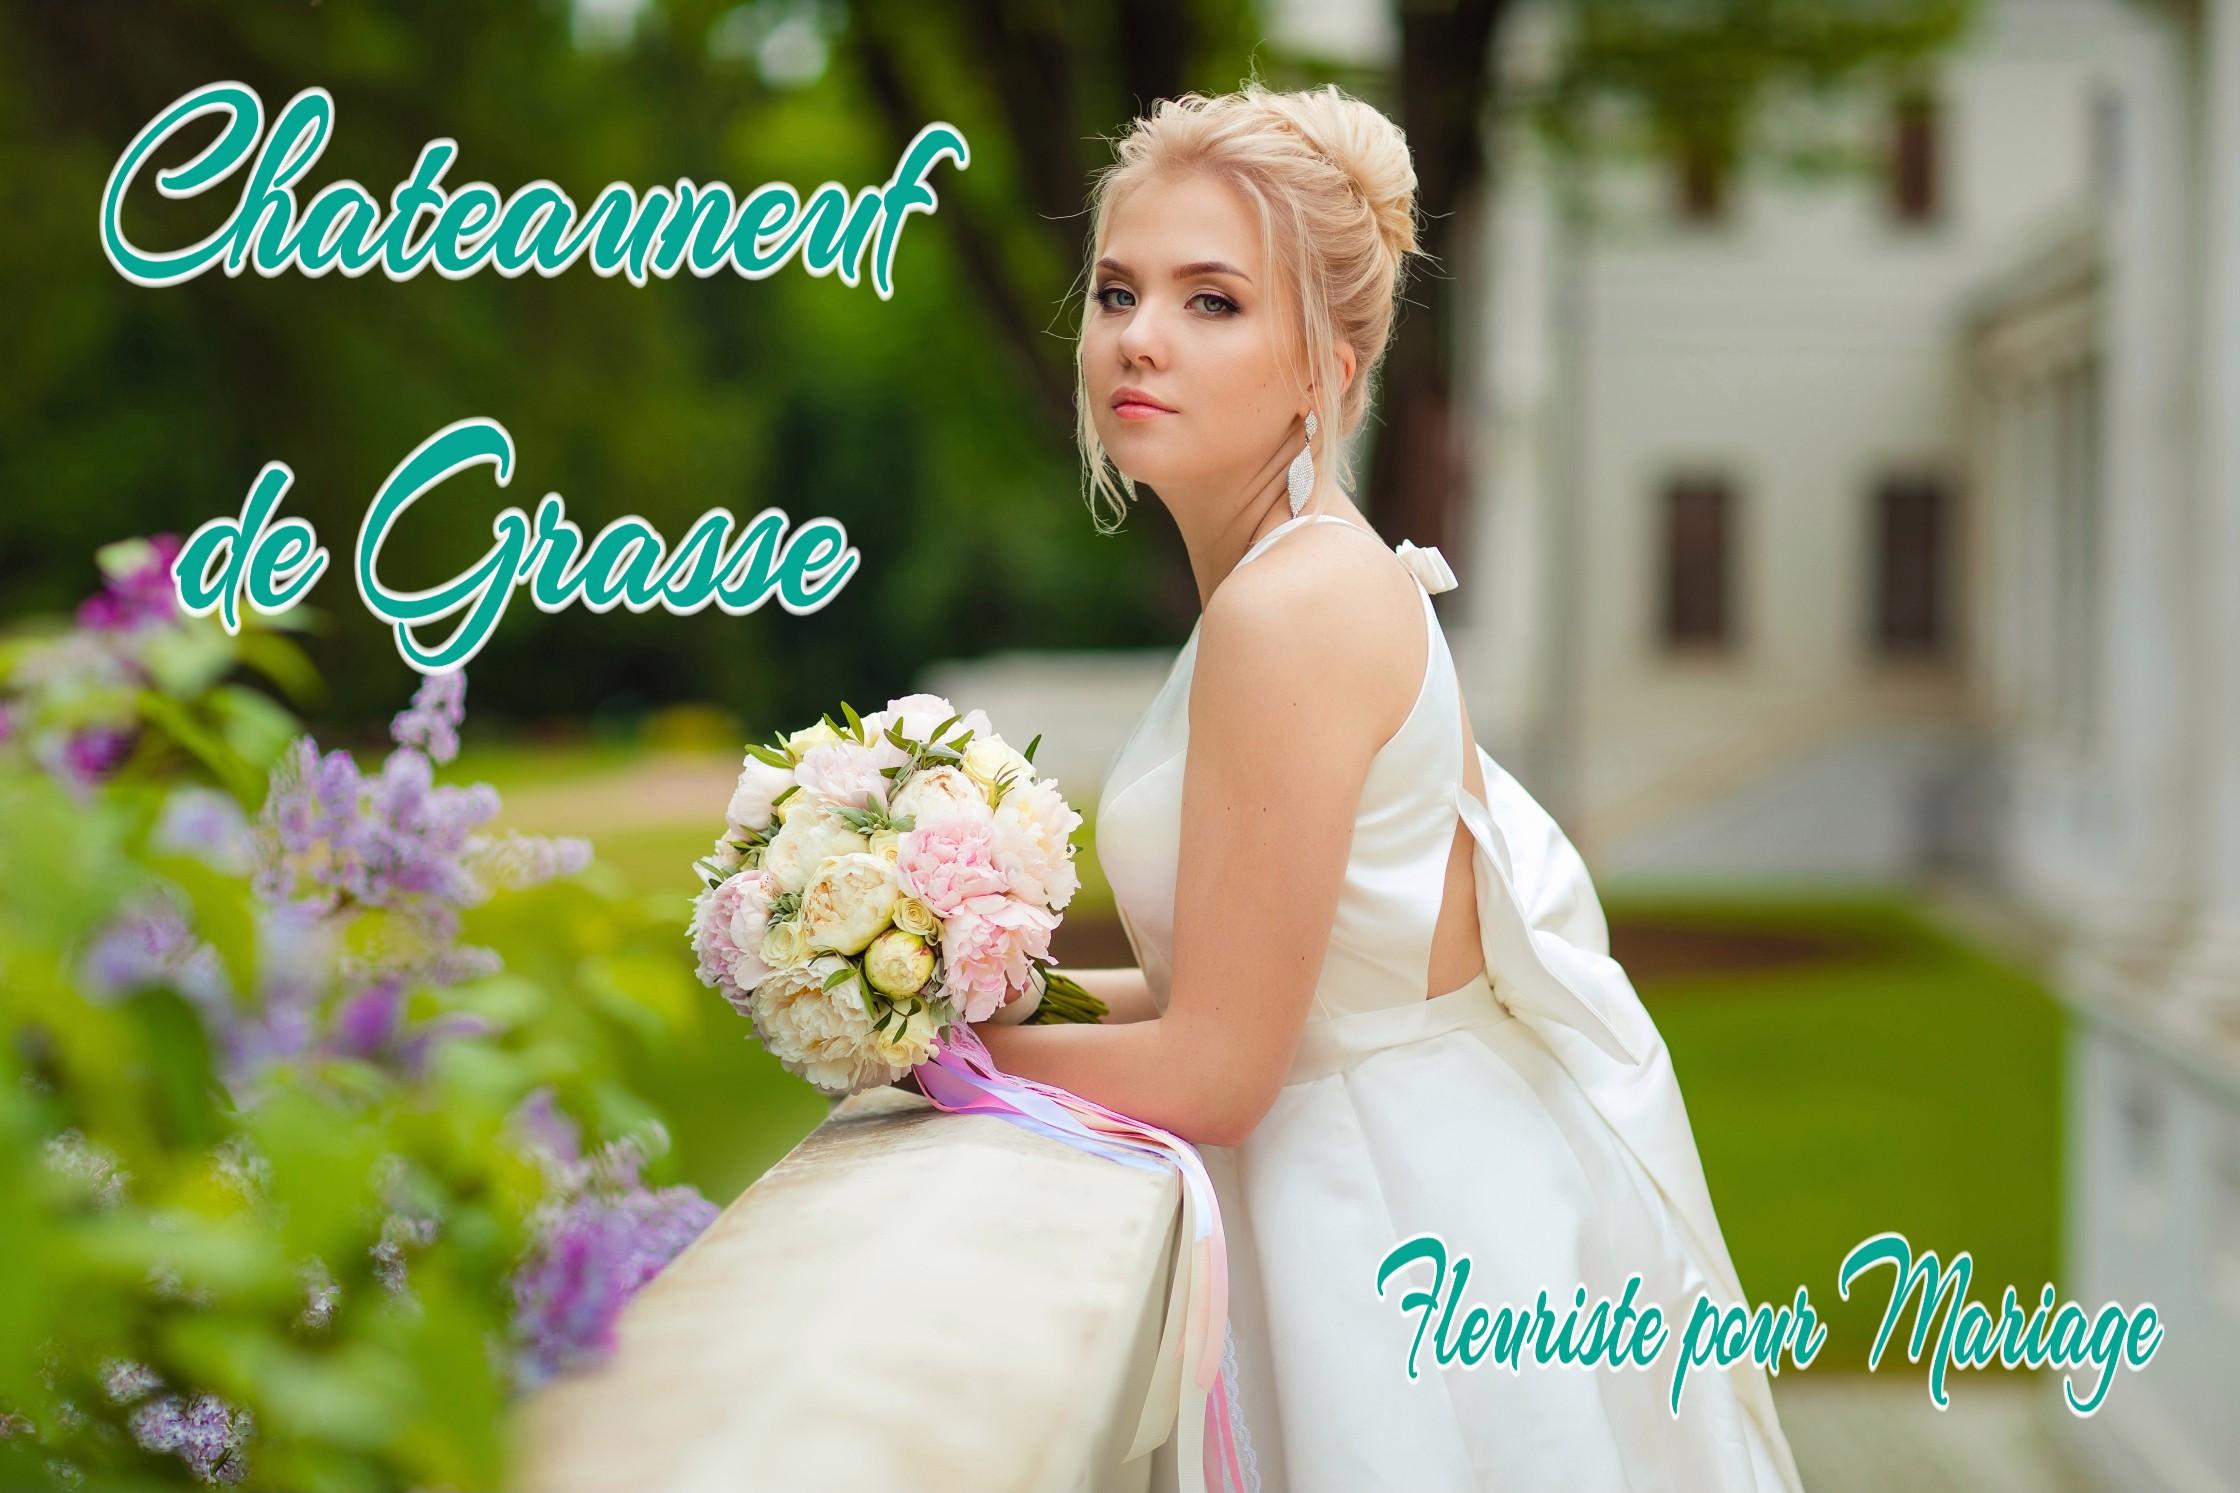 FLEURISTE MARIAGE CHATEAUNEUF DE GRASSE - fleurs mariage CHATEAUNEUF DE GRASSE - WEDDING PLANNER CHATEAUNEUF DE GRASSE - TRAITEUR CHATEAUNEUF DE GRASSE